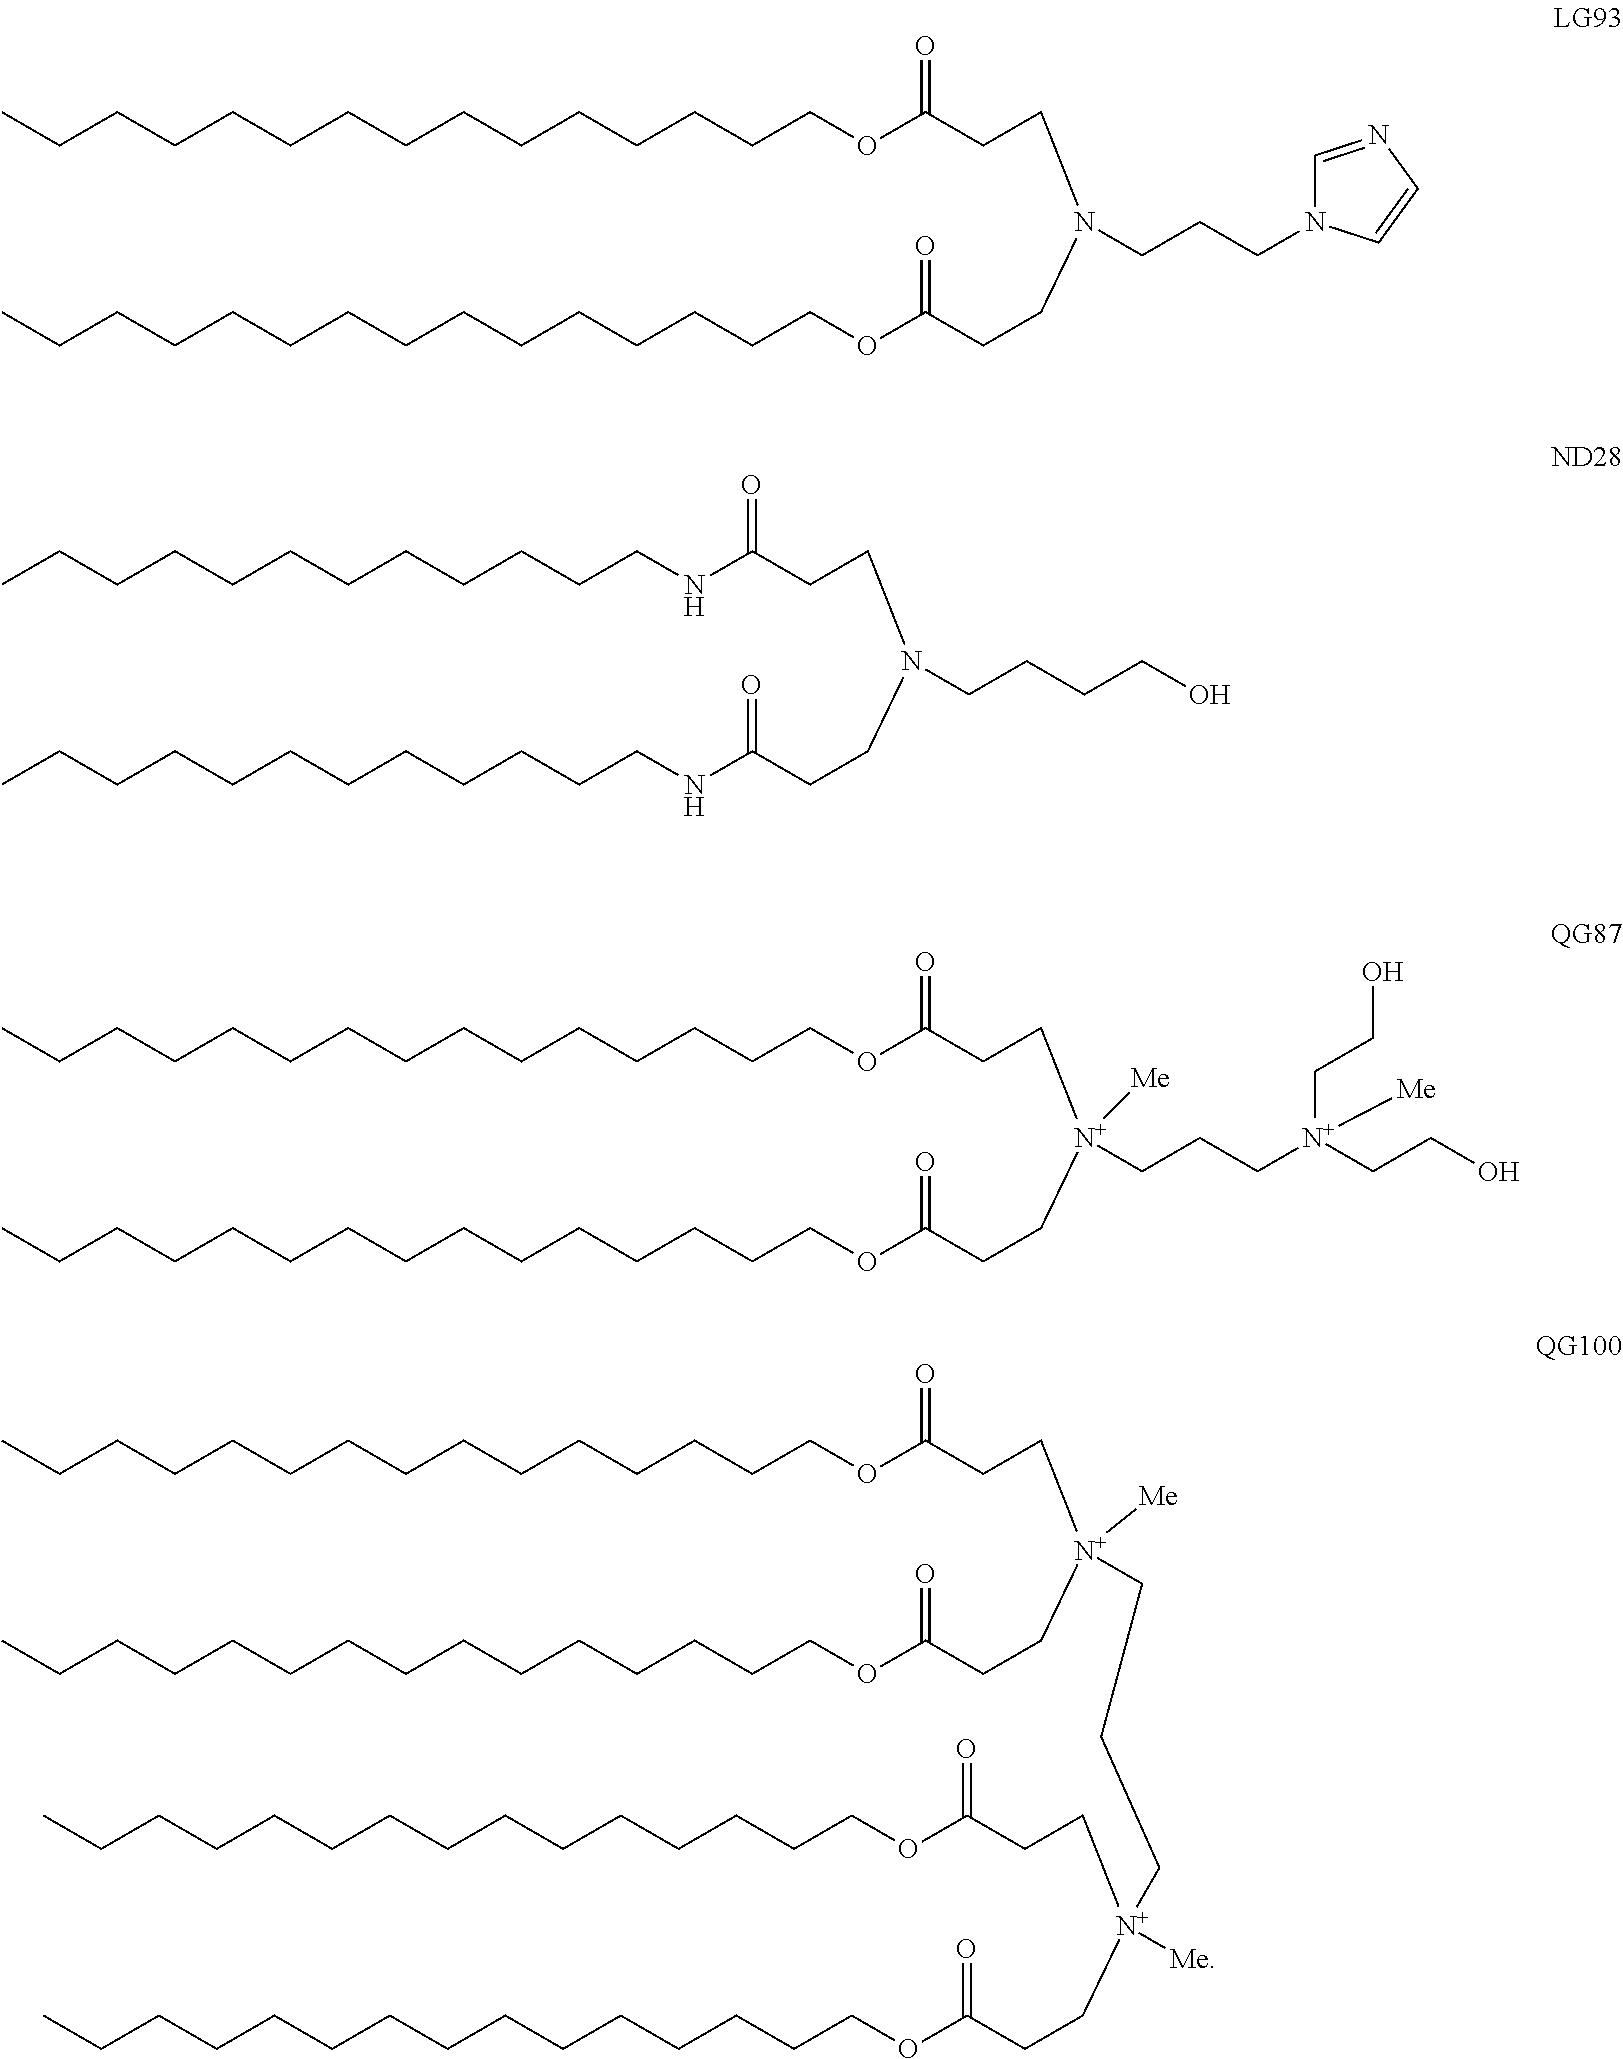 Figure US20110009641A1-20110113-C00264